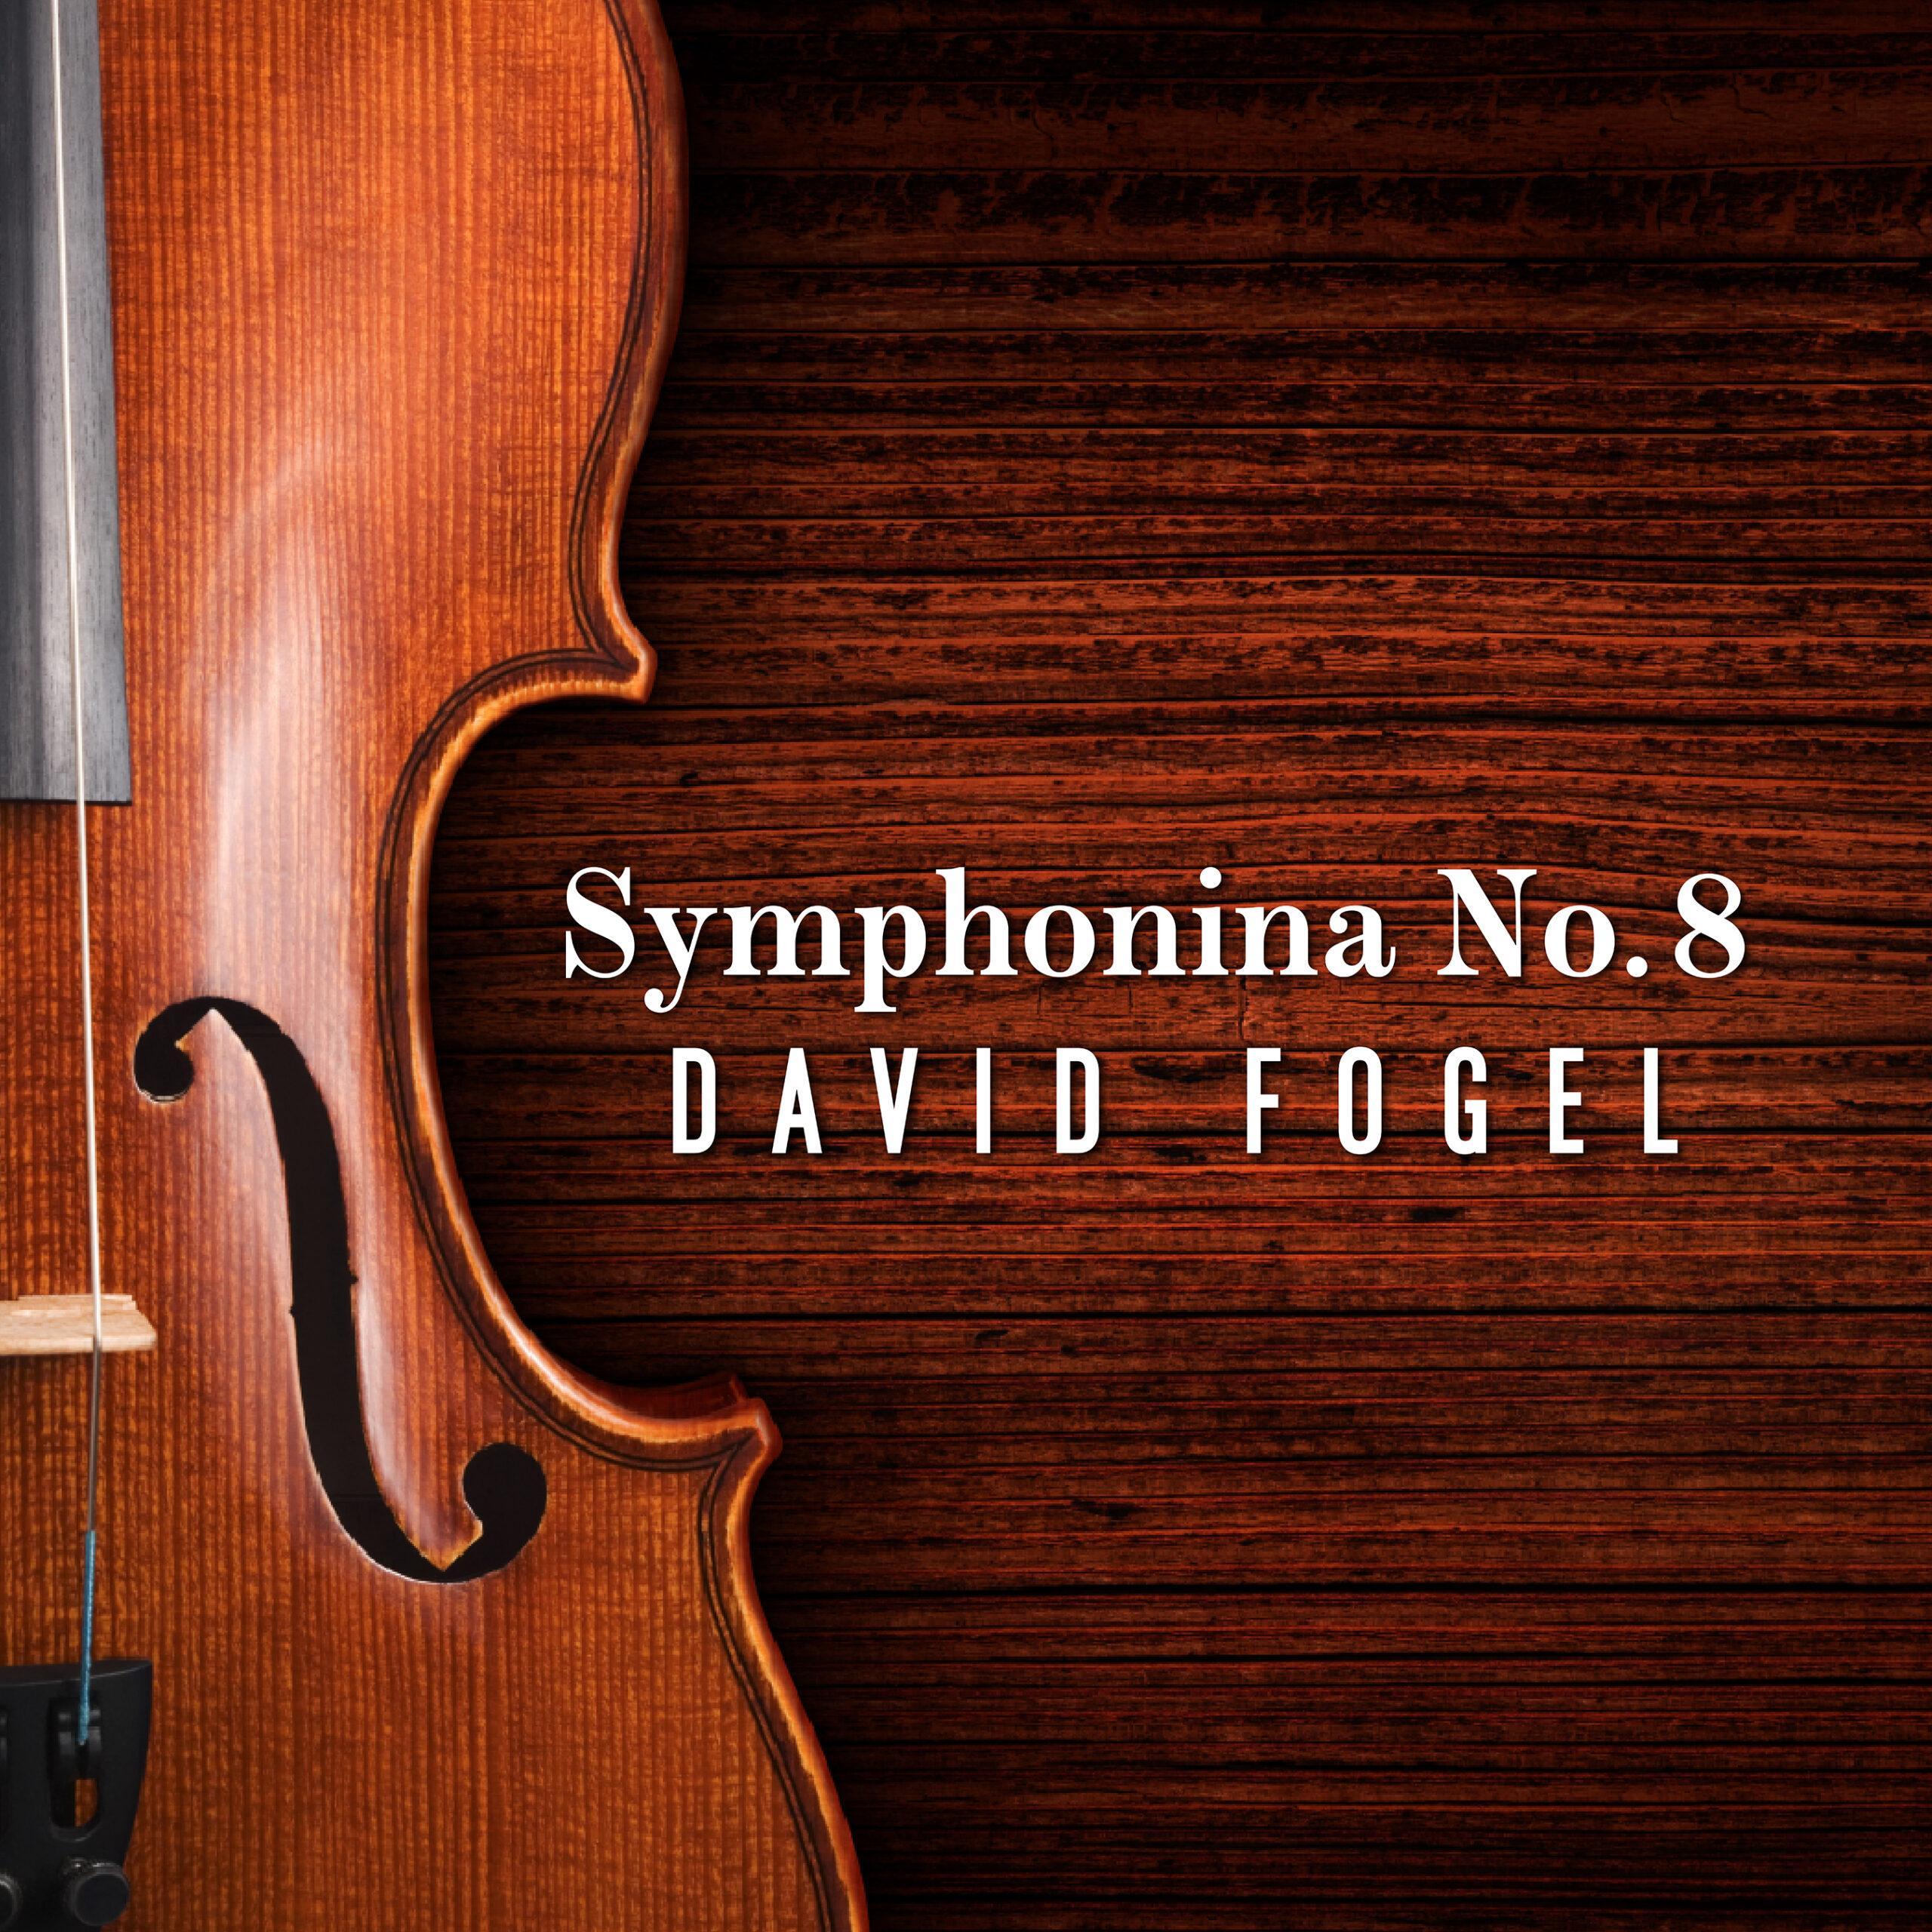 Symphonina No. 5